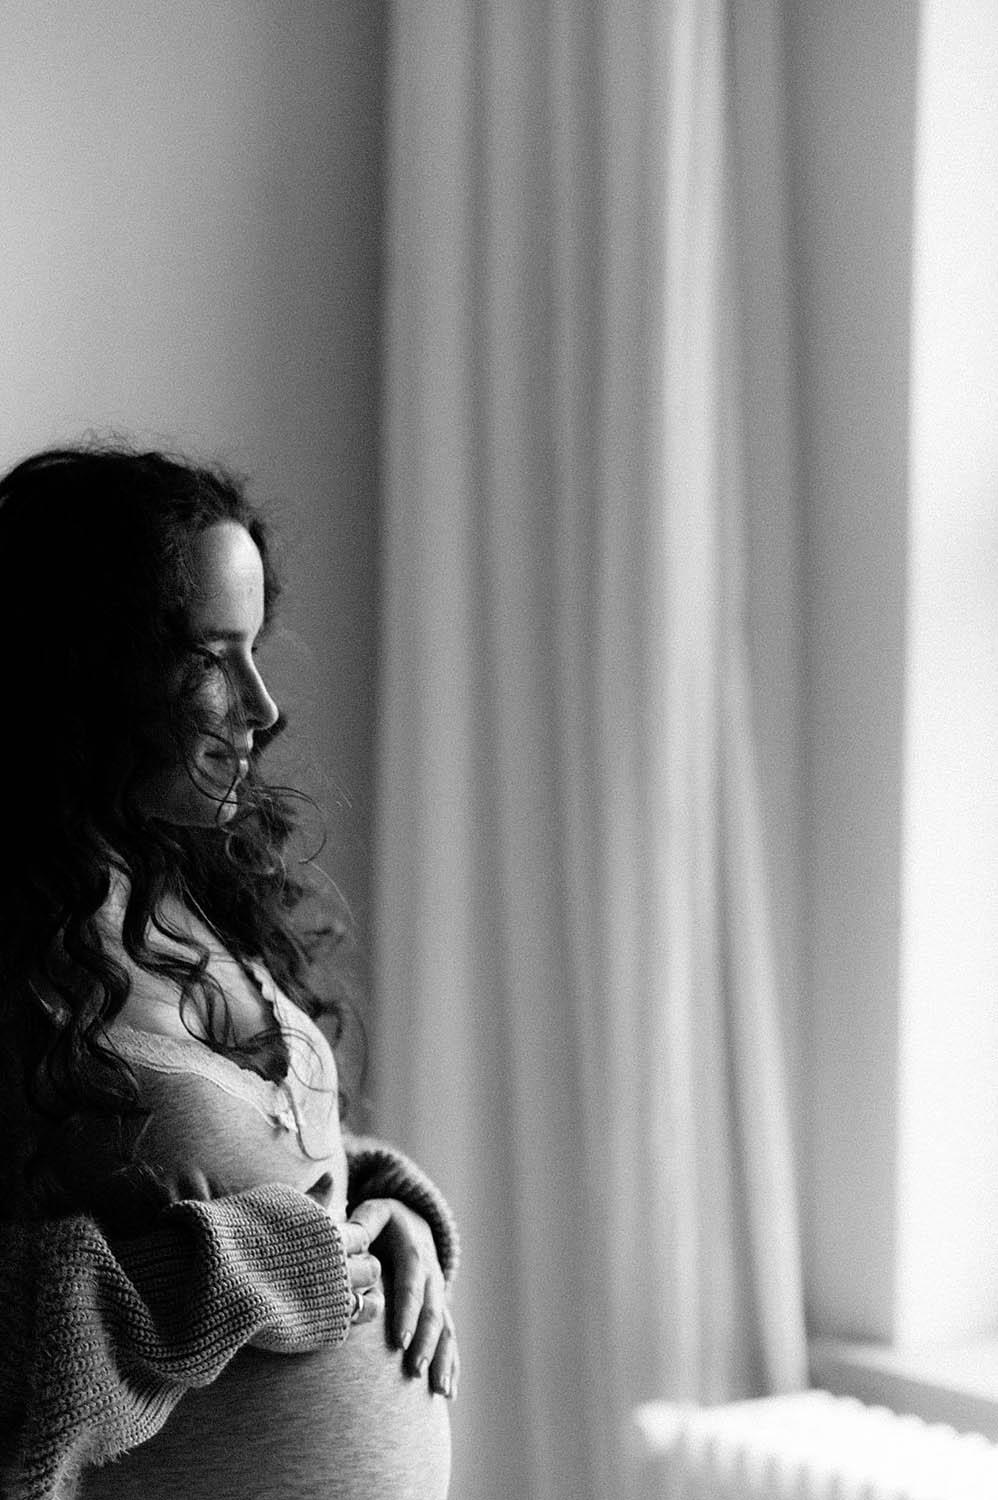 Babybauch, Schwangerschaft, Babybauch Schweiz, Babybauchfotos, Babybauch Fotograf, Babybauch Fotografie, Babybauchfotografie, Schwangerschaftsfotos, Schwangerschaftfoto, Schwangerschaftsbilder, Maternity Foto, natürliche Schwangerschaftsbilder, Fotograf Ostschweiz, Fotograf Bodensee, Fotograf Arbon, Corinne Chollet, Corinne Chollet Fotografie